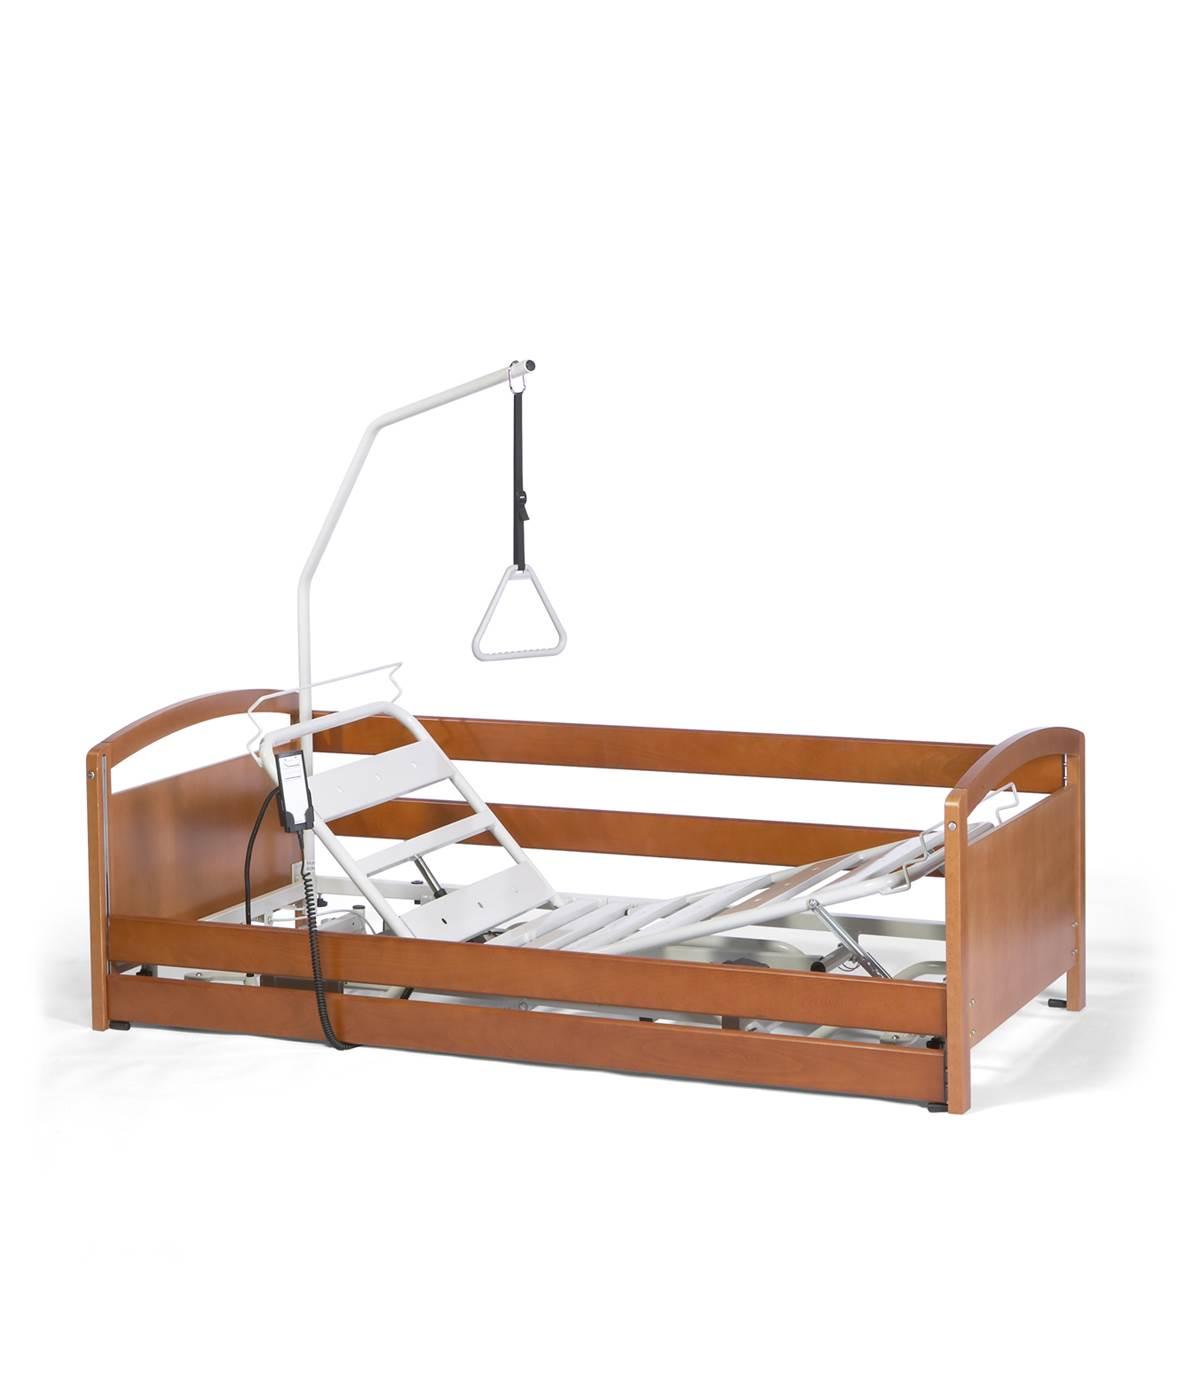 łóżko elektryczno rehabilitacyjne alois